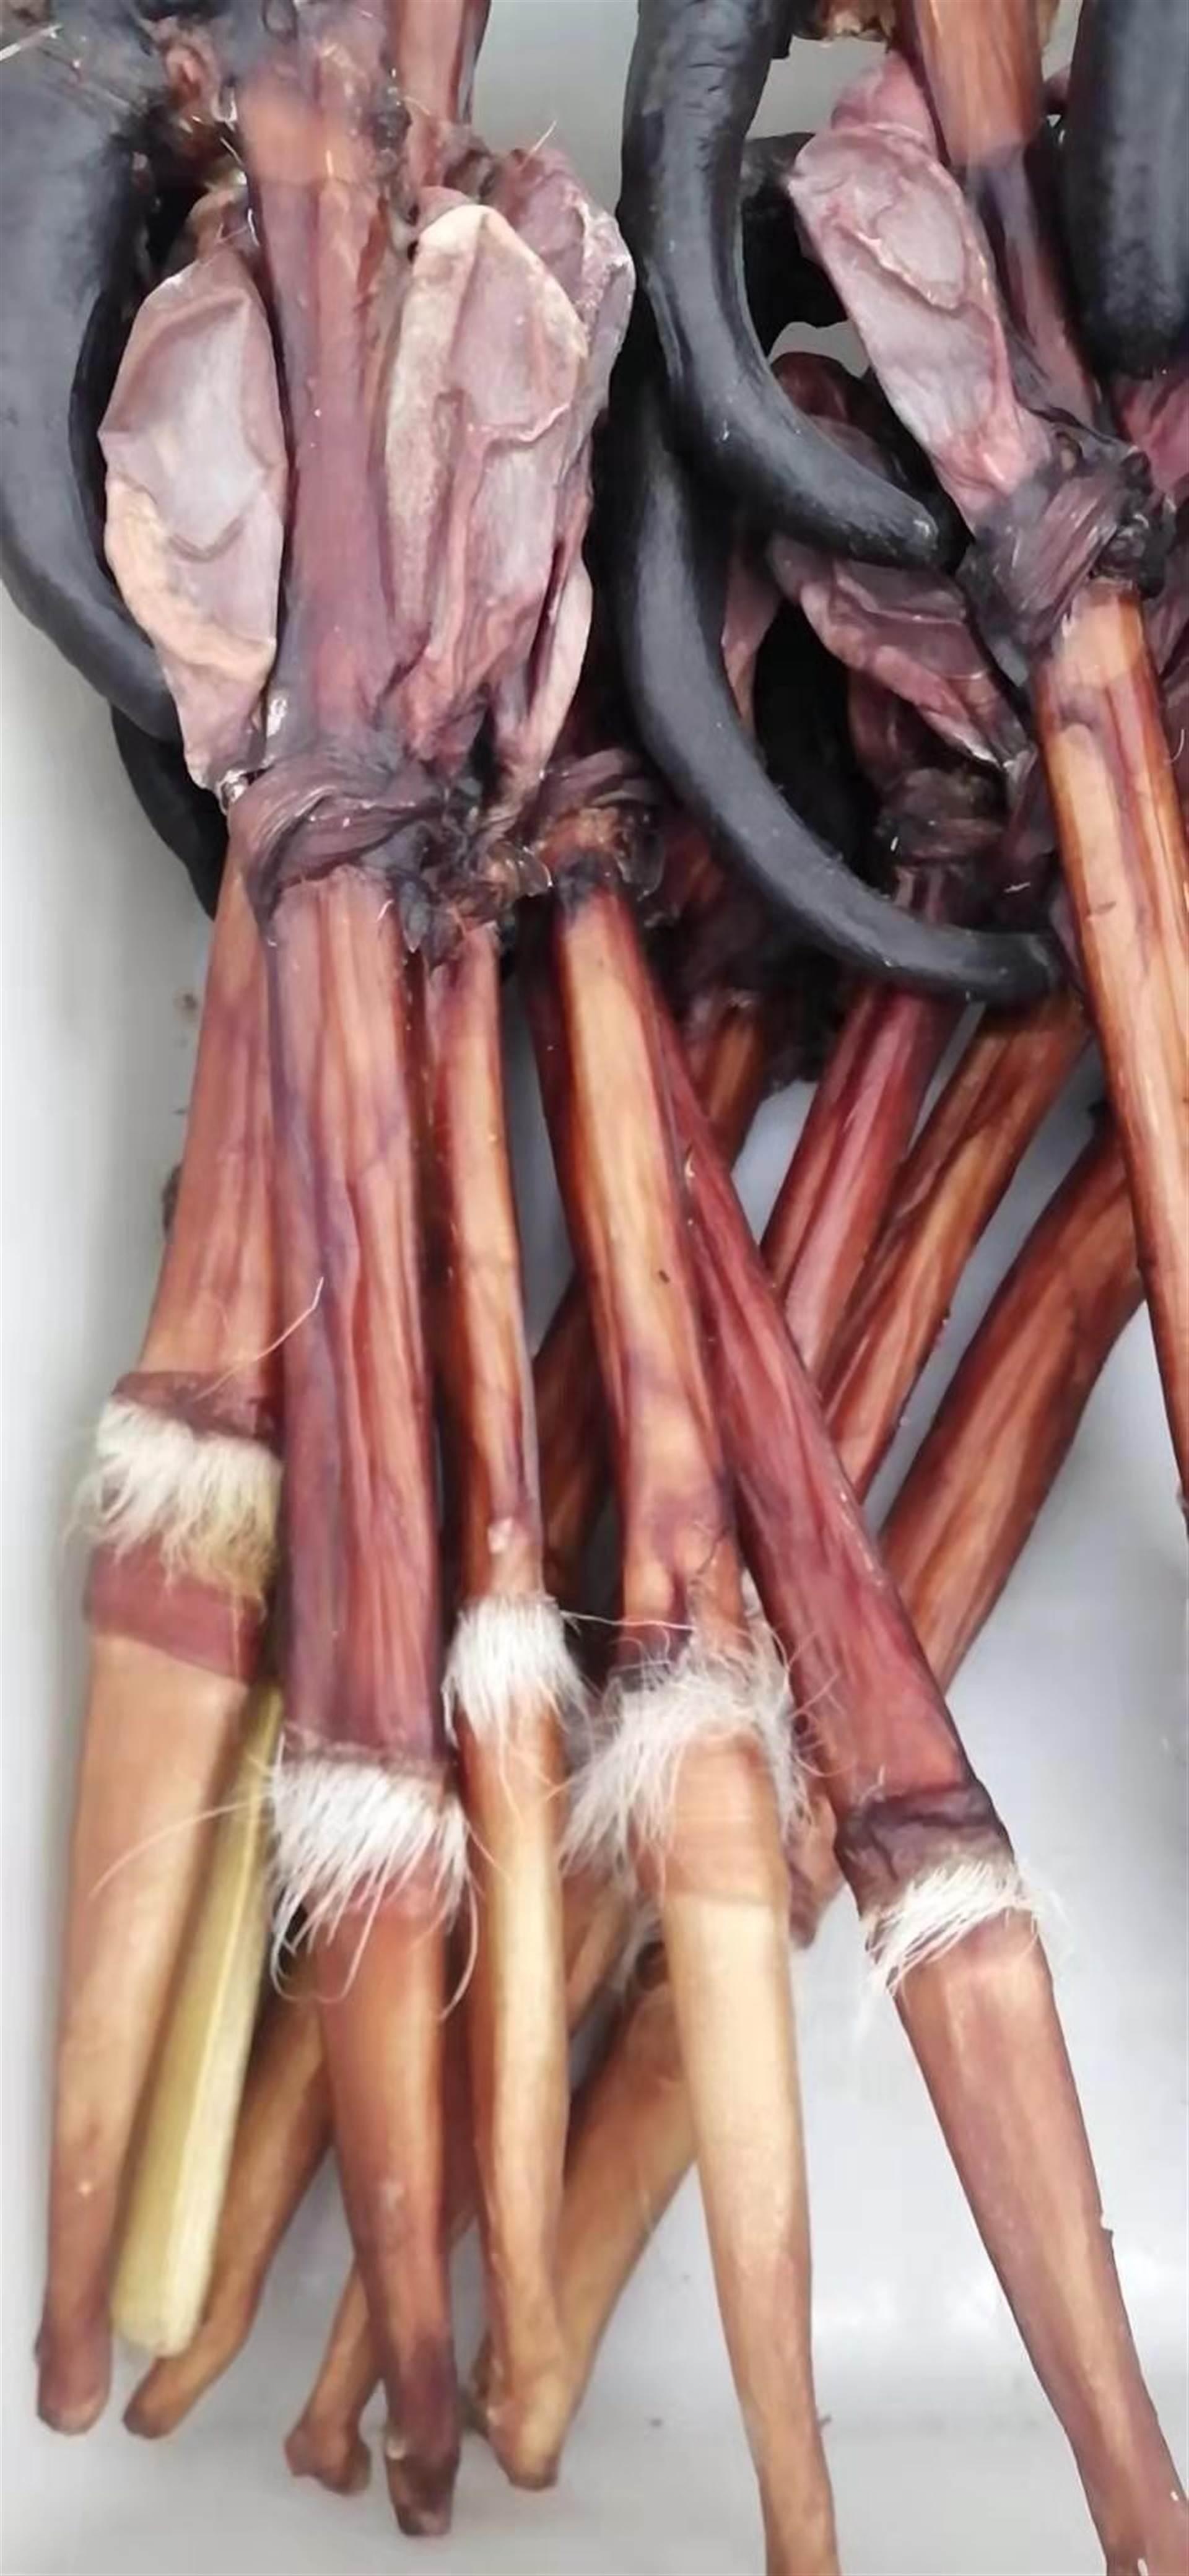 鹿鞭大货供应